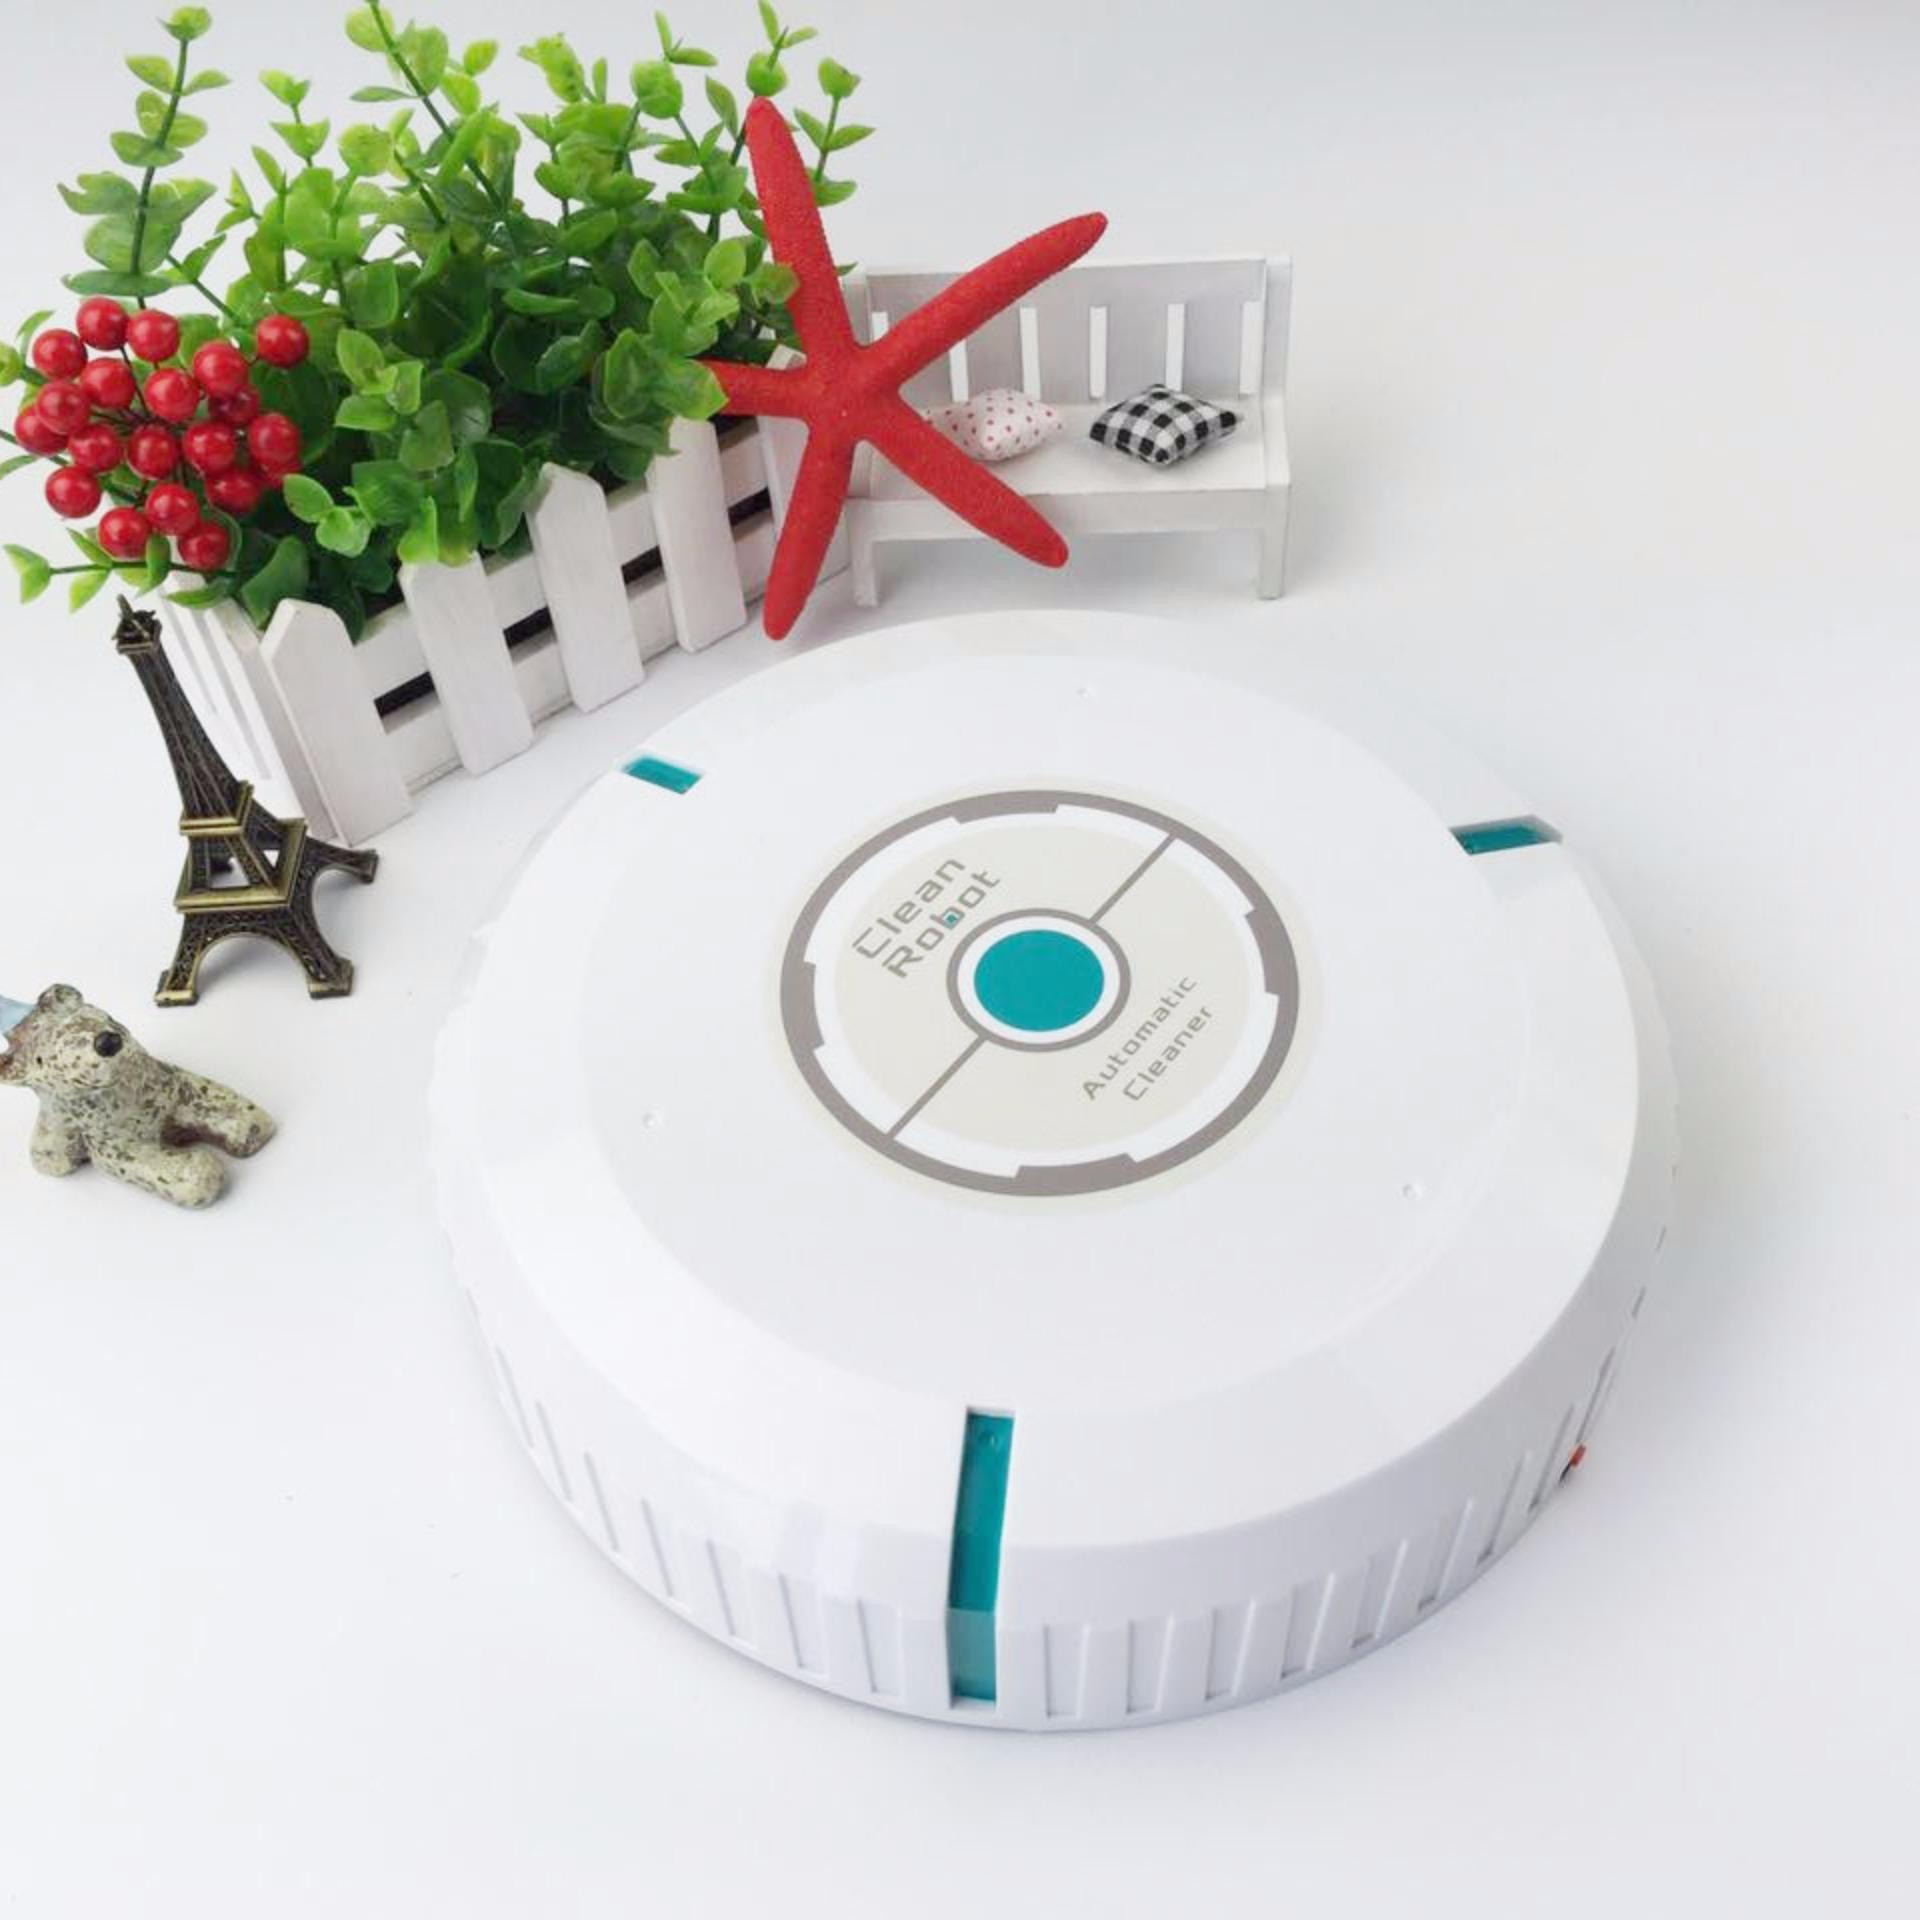 Robot lau nhà cảm ứng tự động + Tặng que thông cống Sani Stick